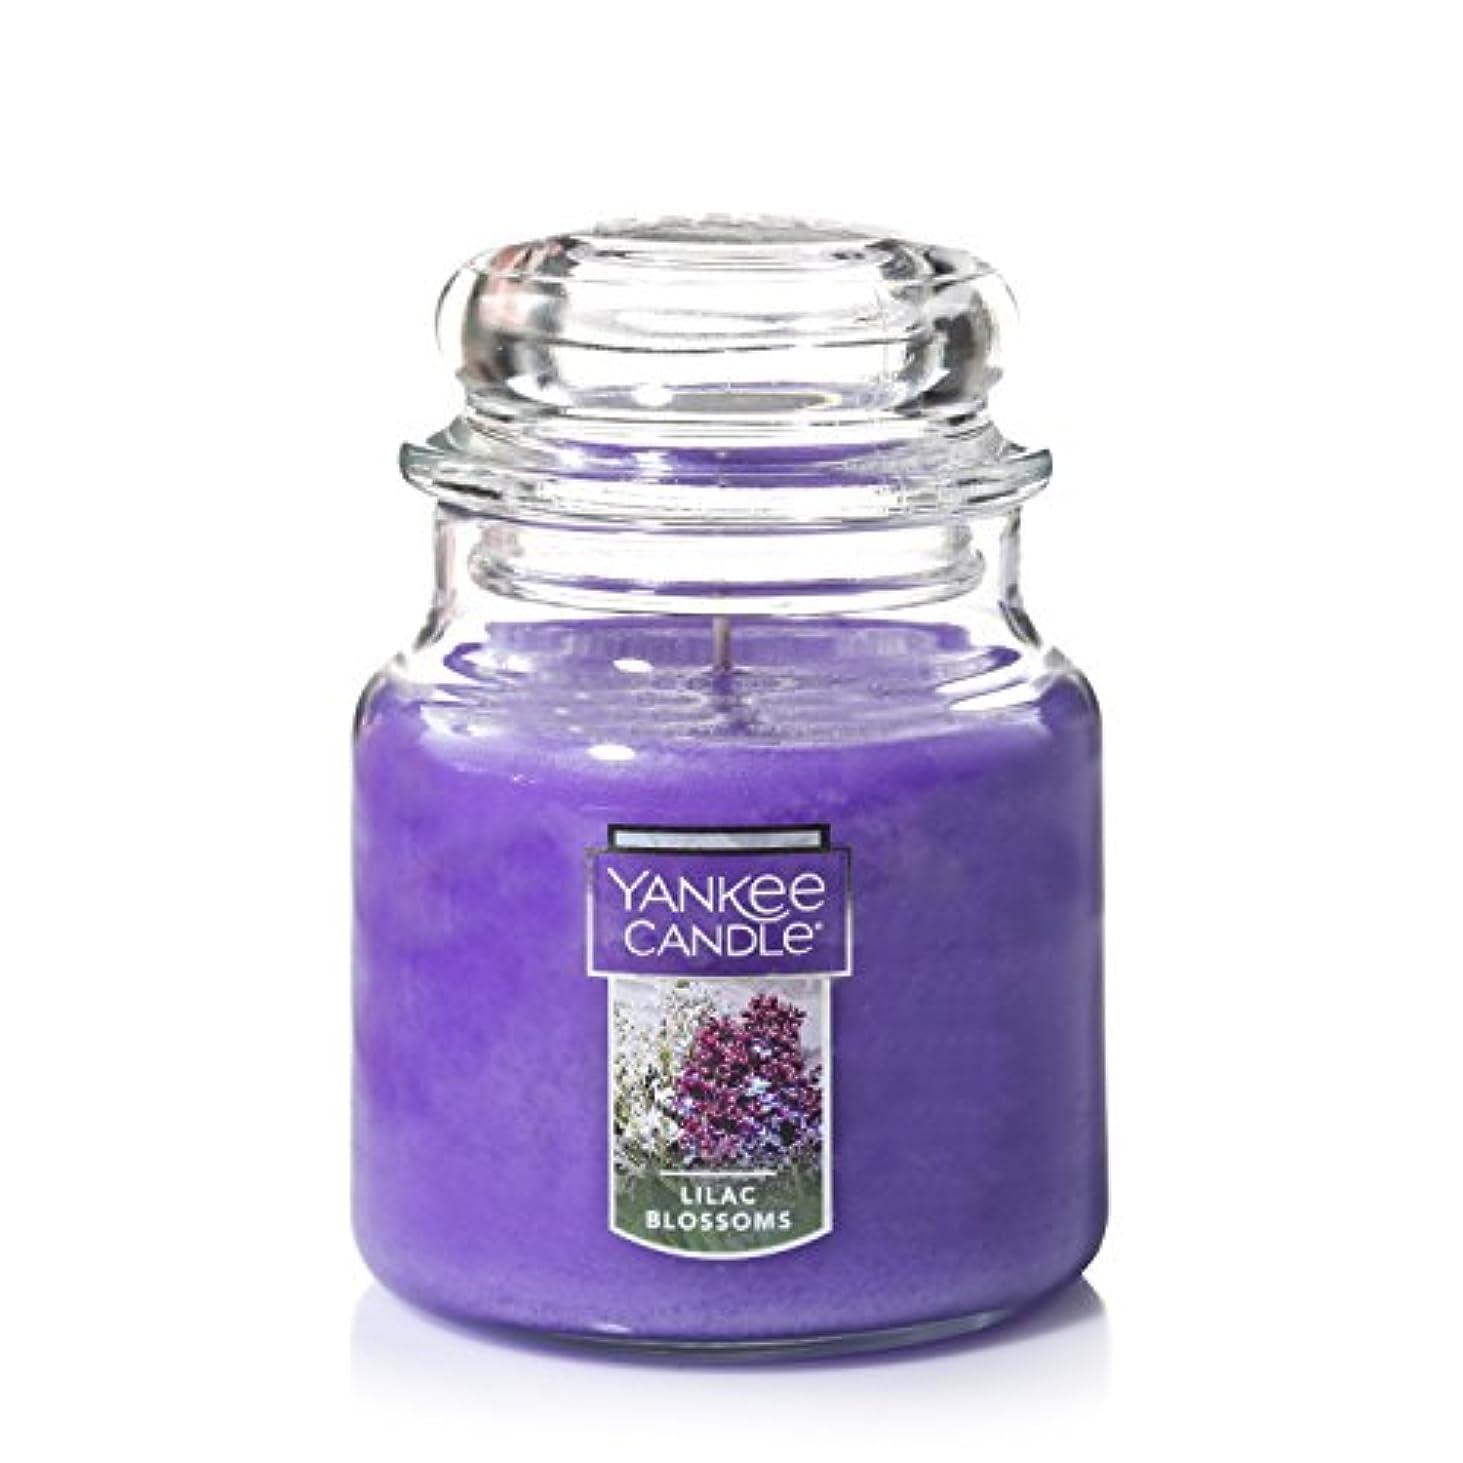 気絶させるパールシンクYankee CandleライラックBlossoms Medium Jar 14.5oz Candle One パープル 1006996